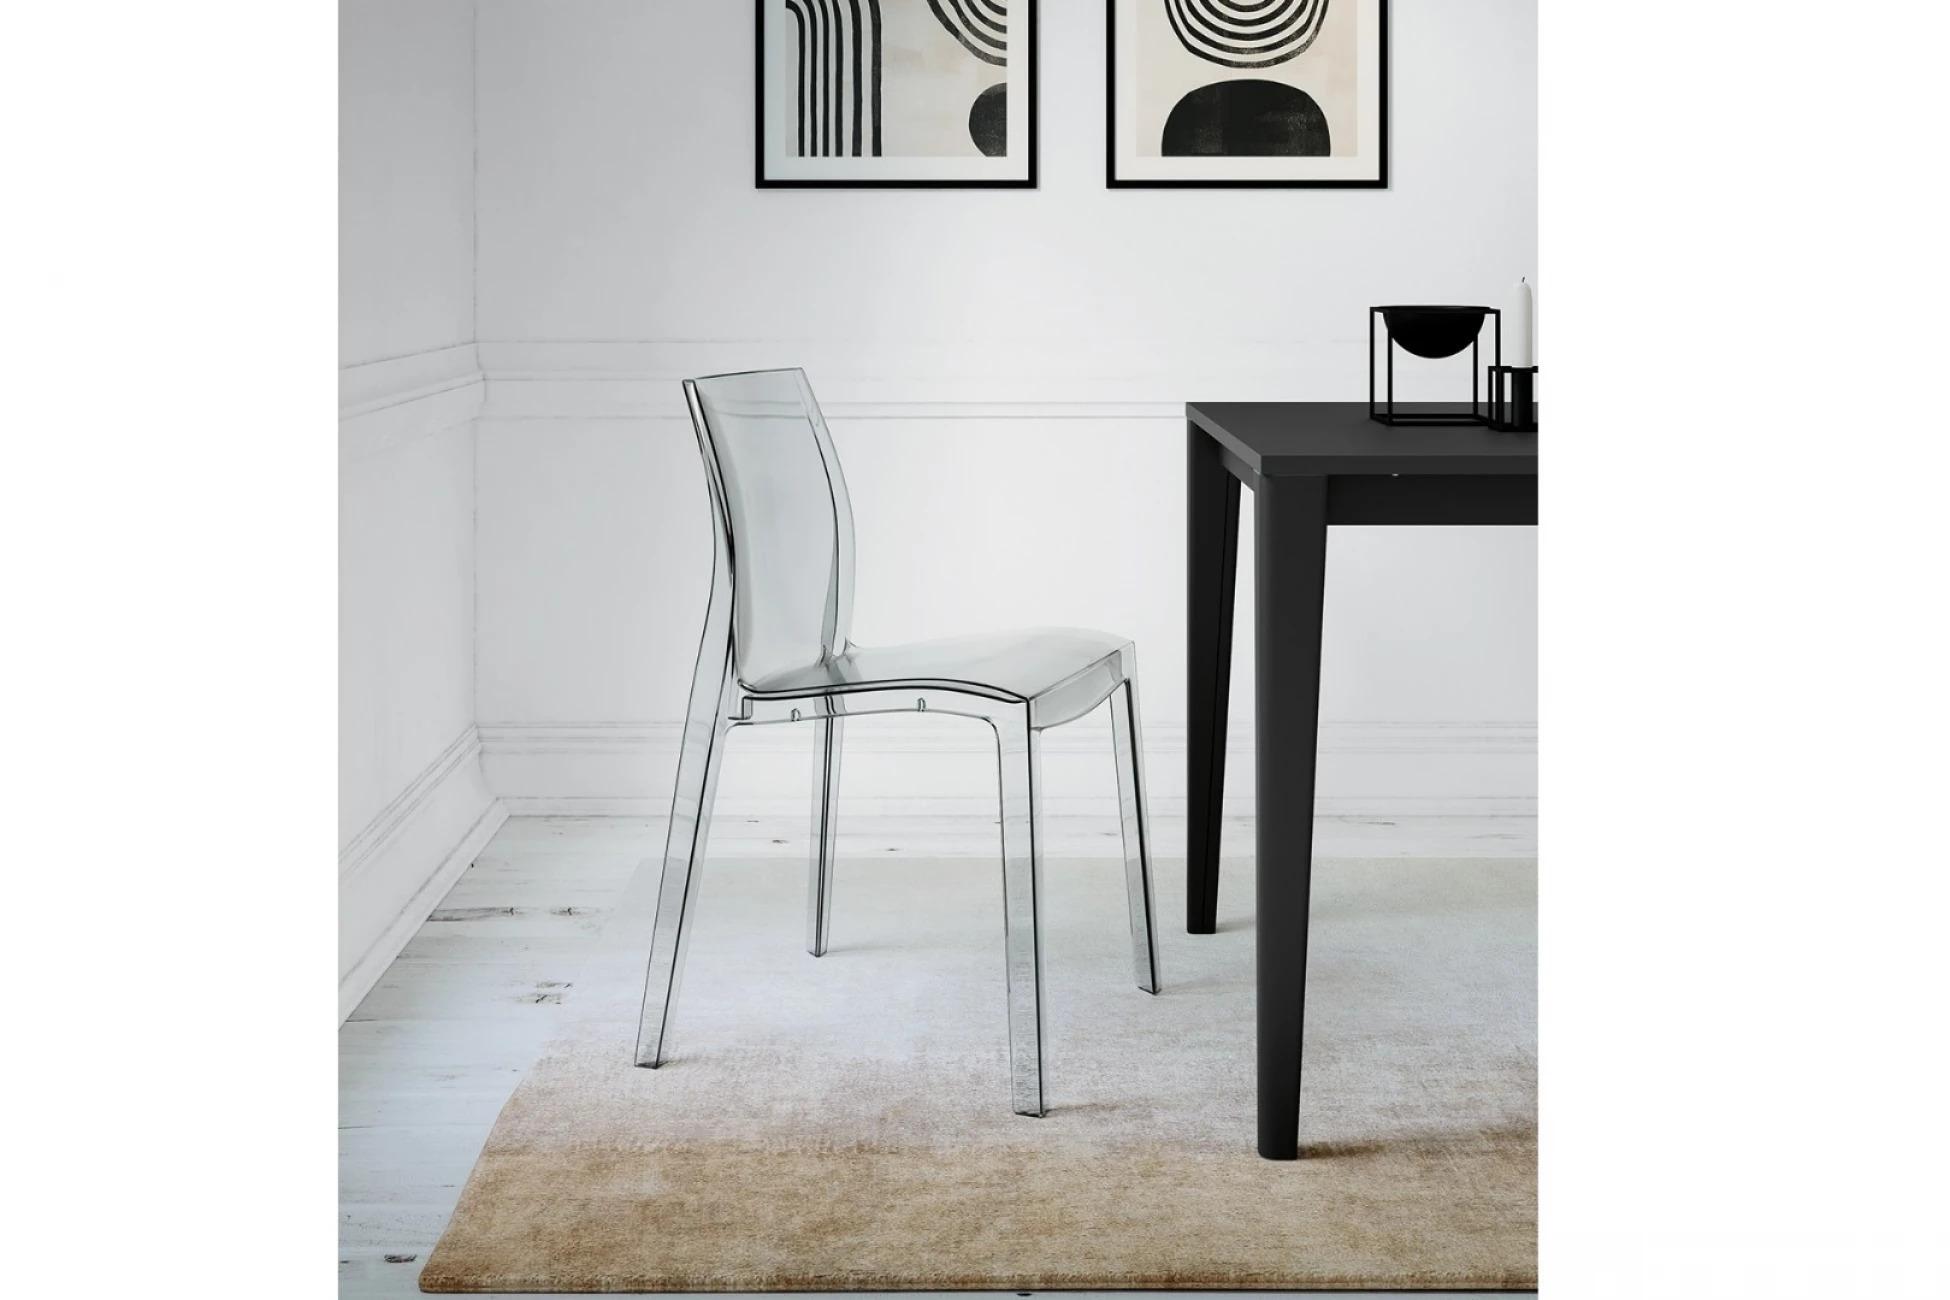 Итальянский прозрачный стул LIGHT в современном стиле от фабрики Arredo3